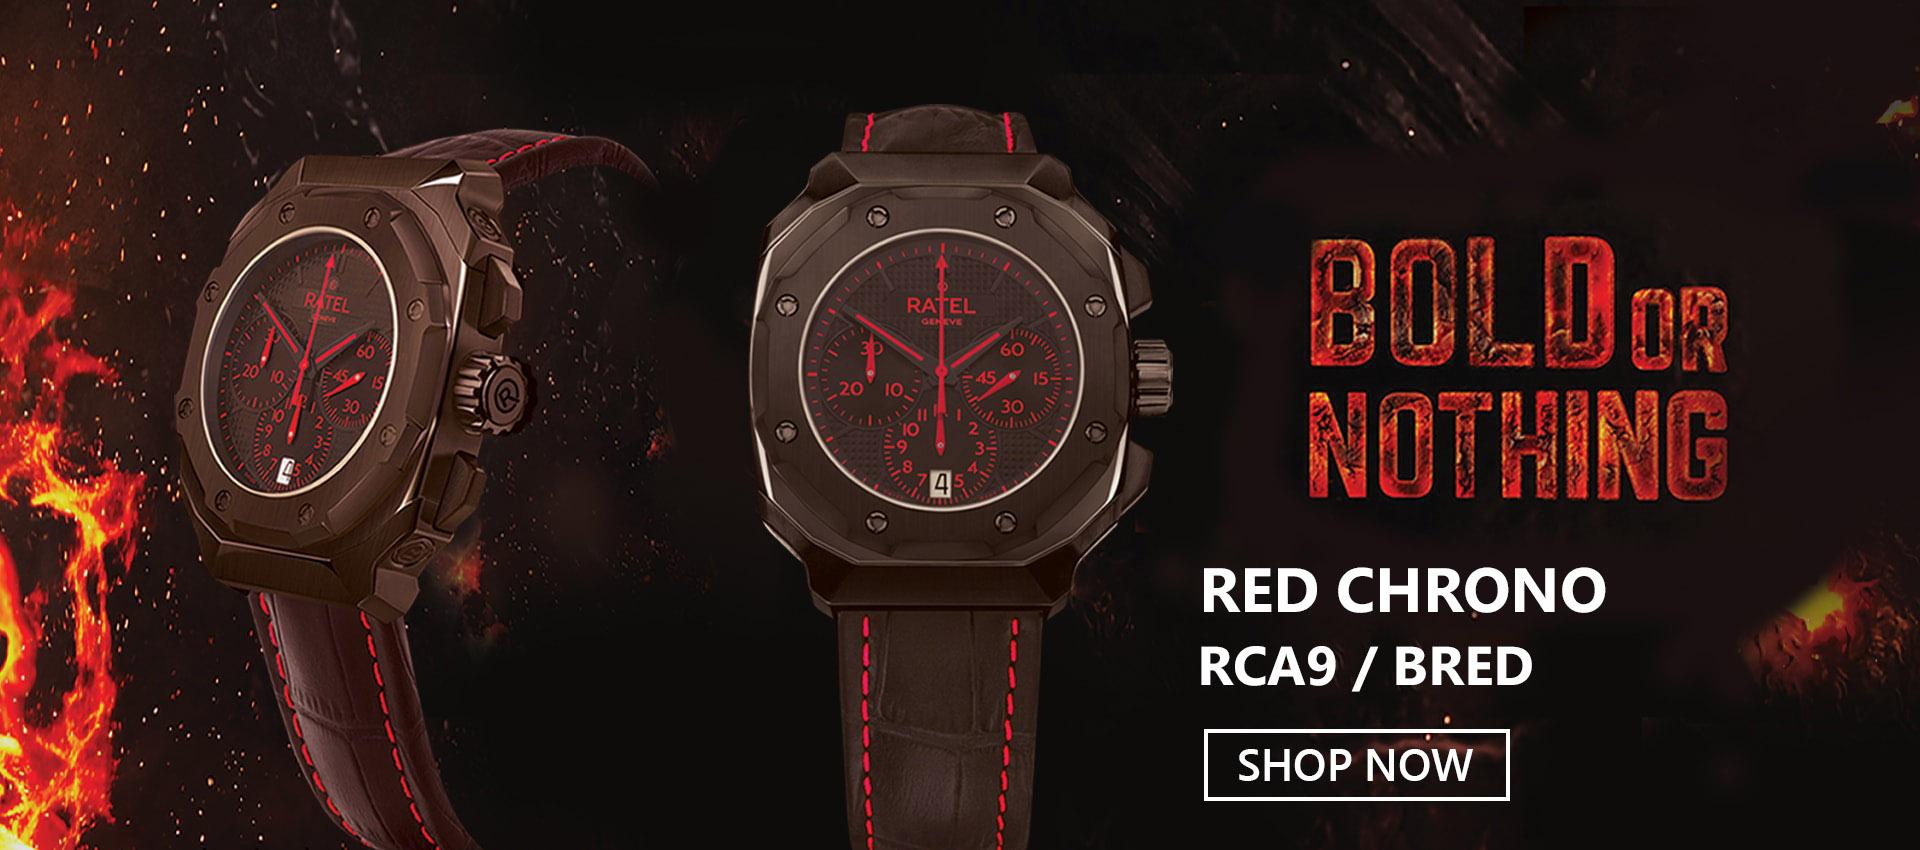 Red Chrono